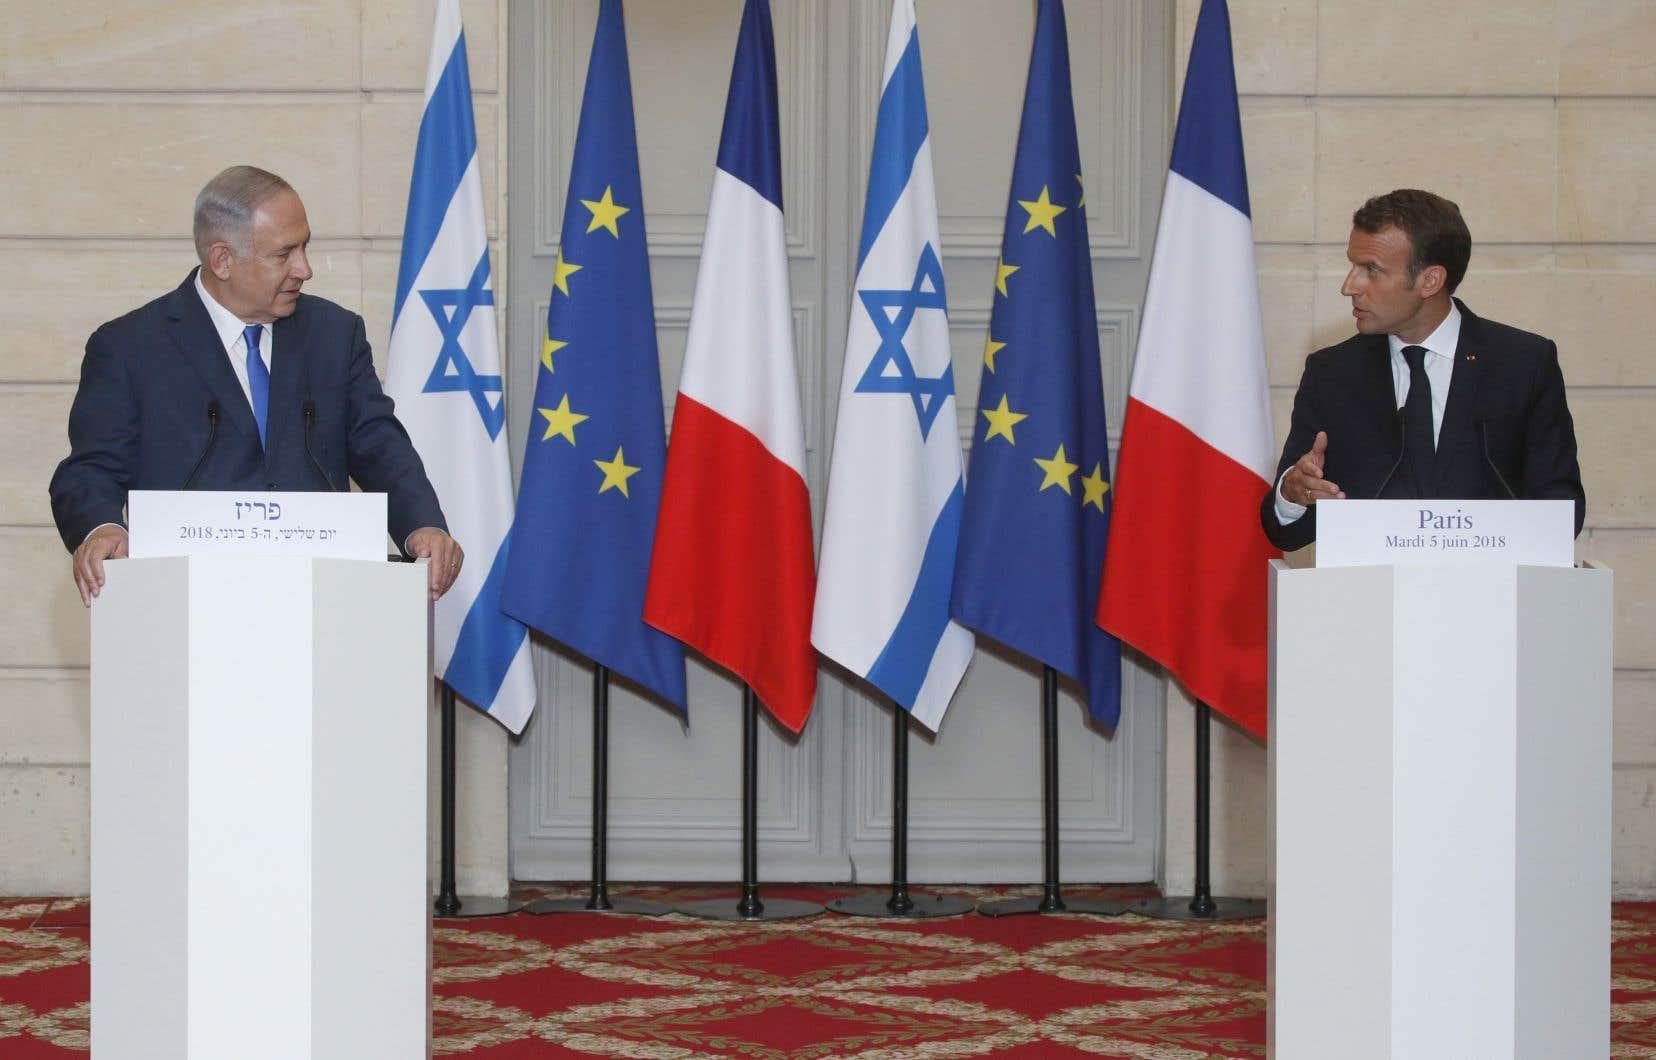 «J'invite tout le monde à stabiliser la situation et à ne pas céder à cette escalade parce qu'elle ne mènerait qu'à une chose, le conflit», a lancé Emmanuel Macron à l'issue d'un entretien avec M.Nétanyahou à l'Élysée.